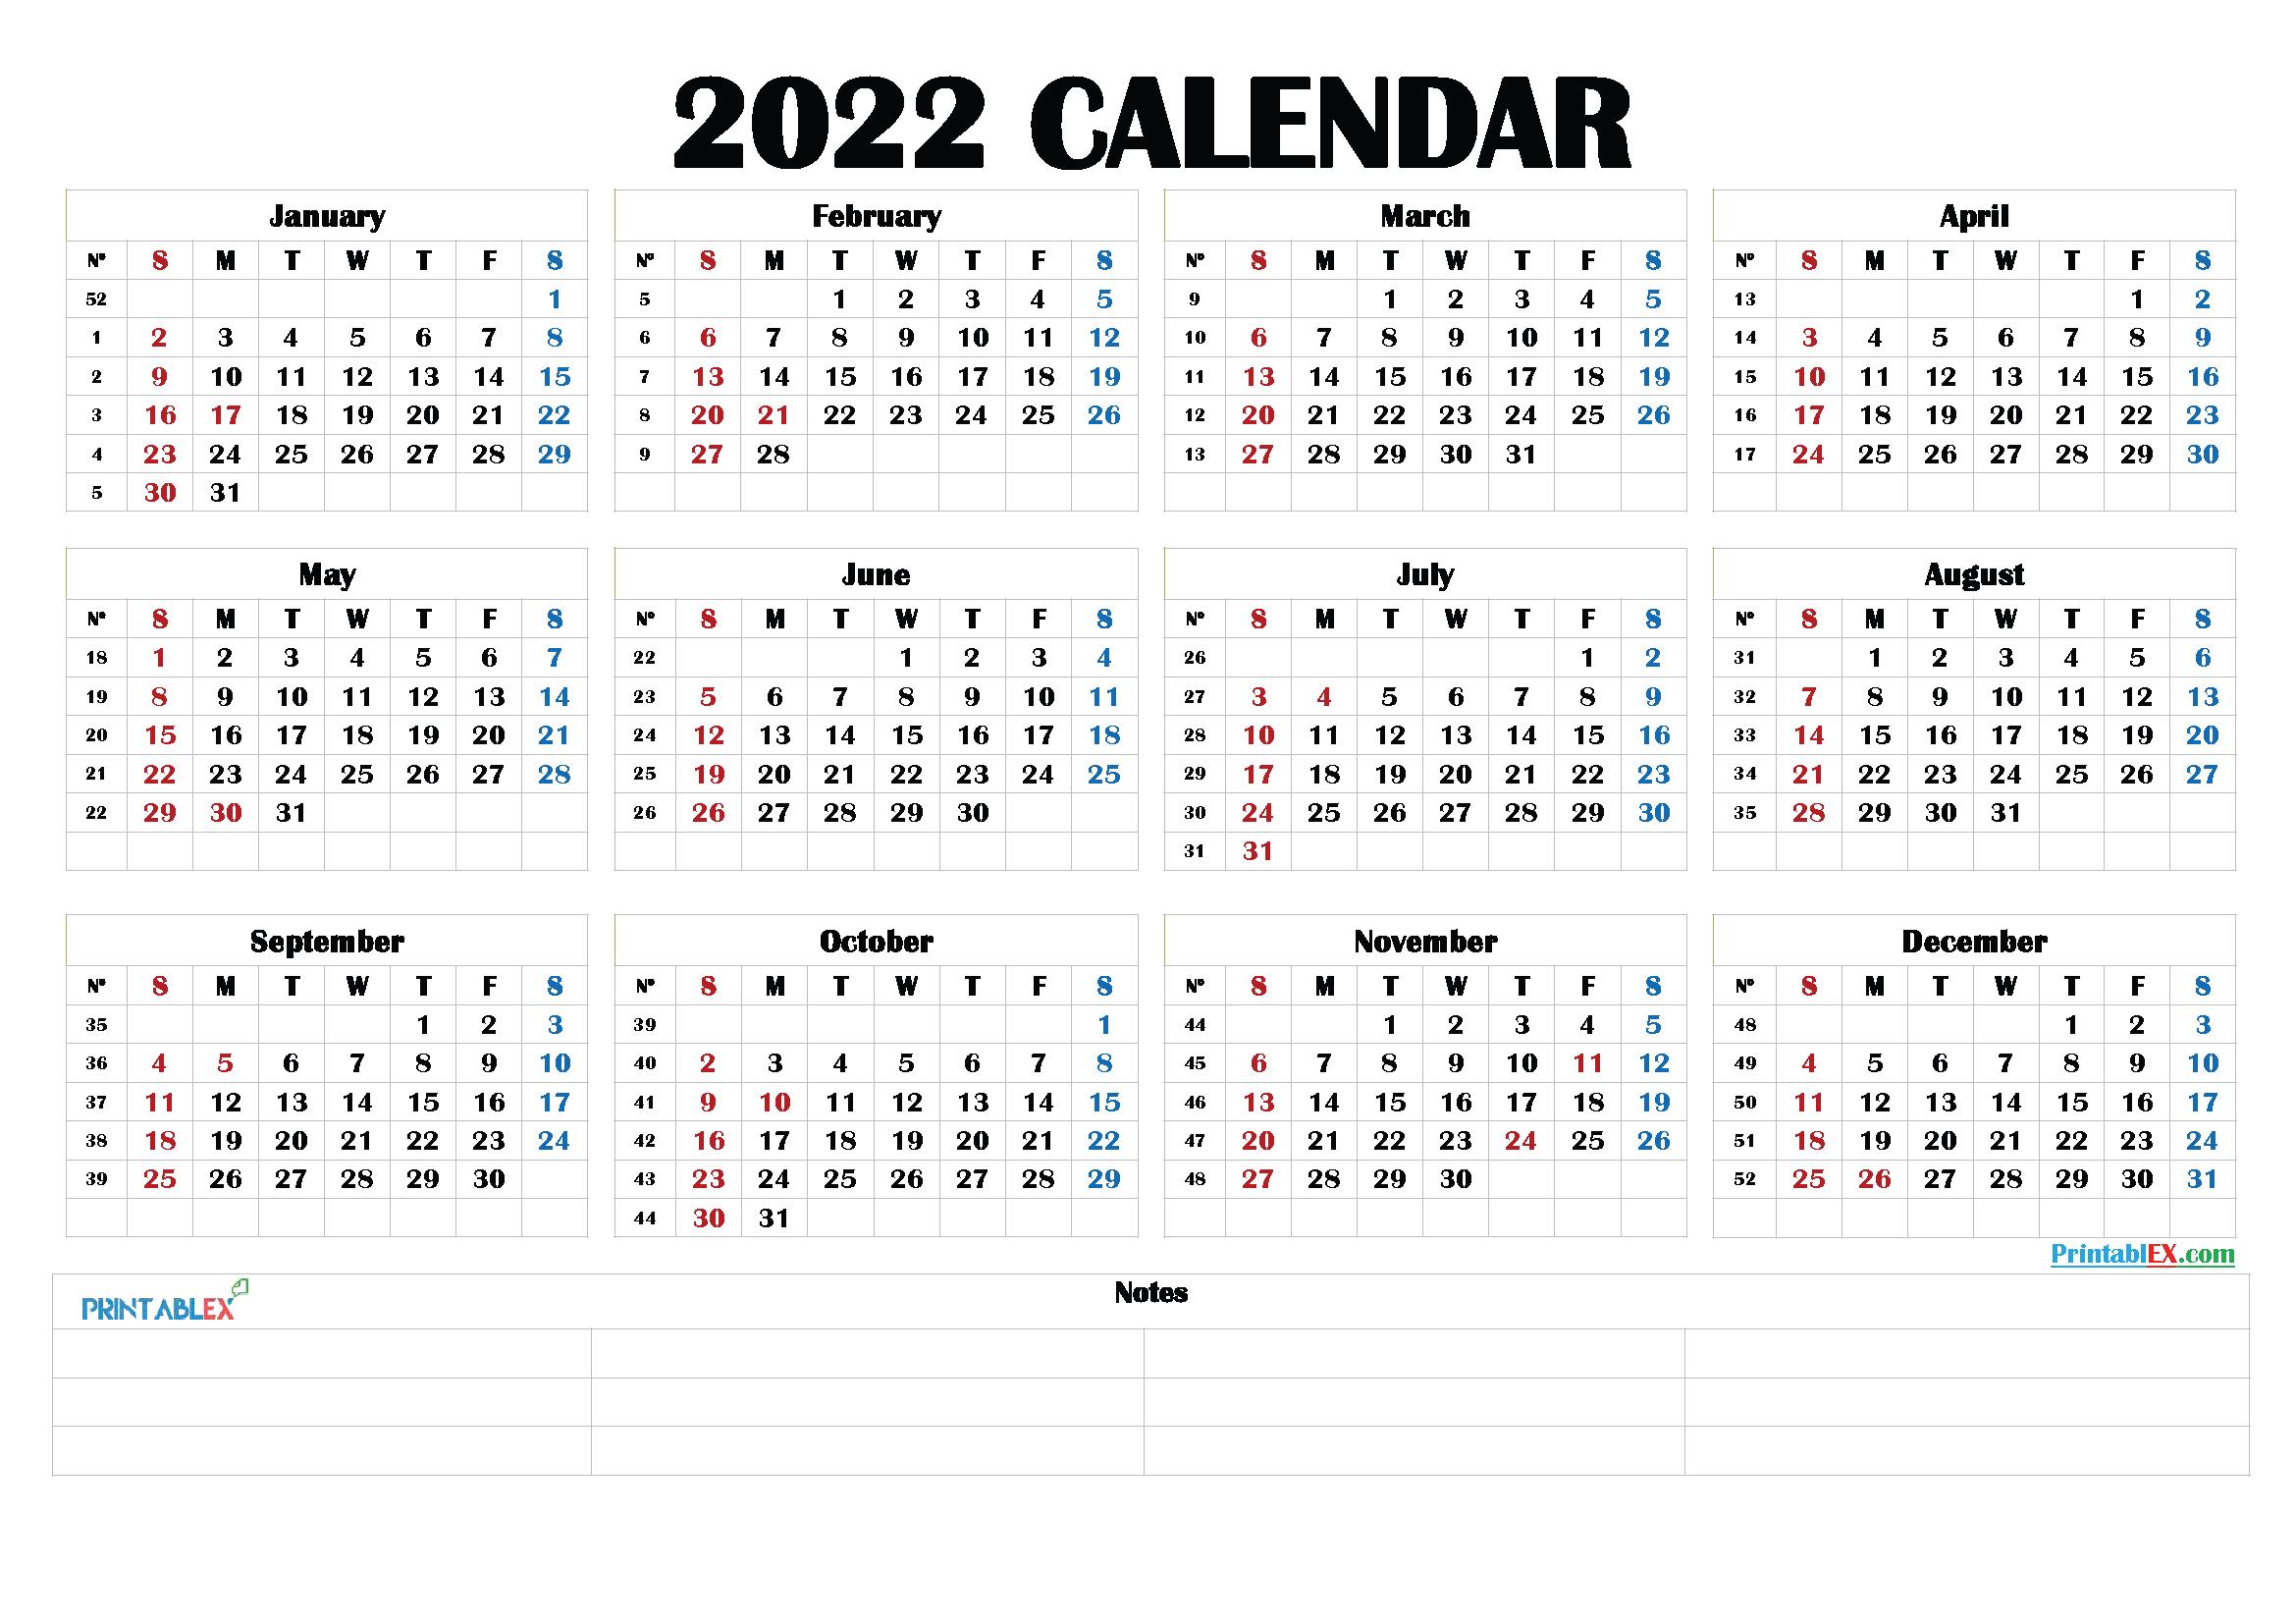 Free Printable 2022 Calendar by Month - 22ytw190